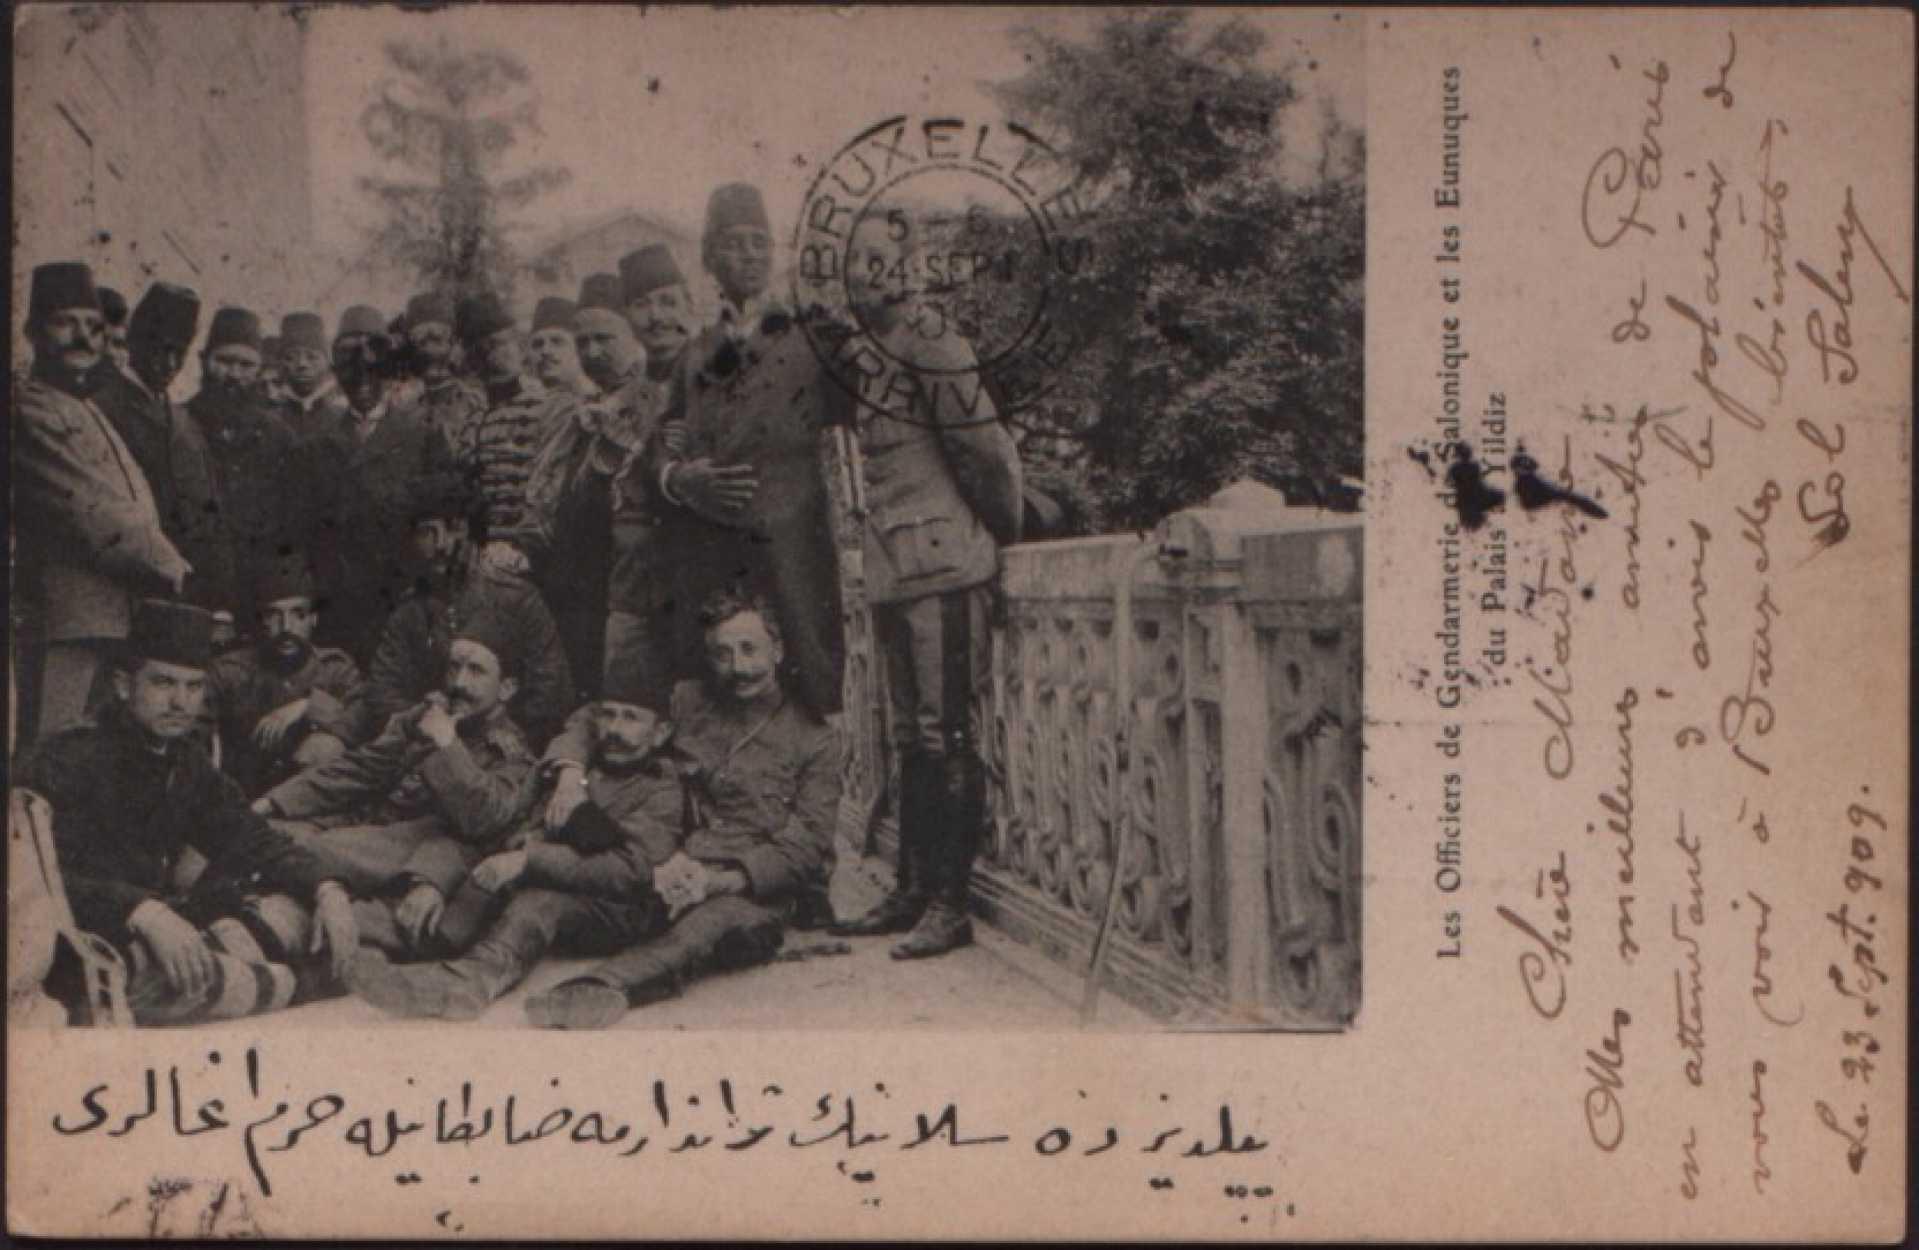 Les Officiers de Gendarmerie de Salonique et les Eunuques du Palais a Yildiz